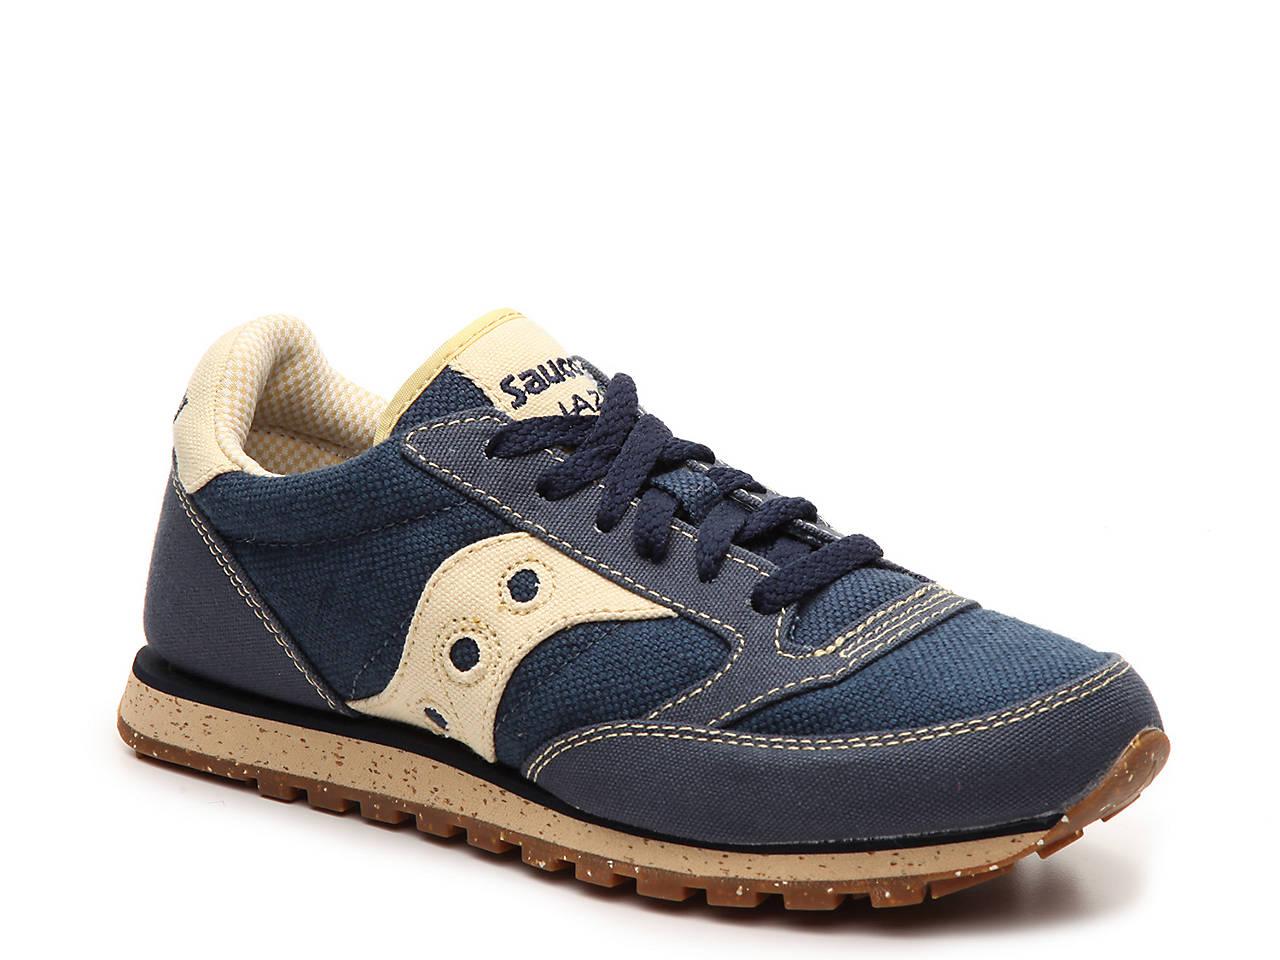 6090648dbd1042 Saucony Jazz Low Pro Vegan Retro Sneaker - Men s Men s Shoes